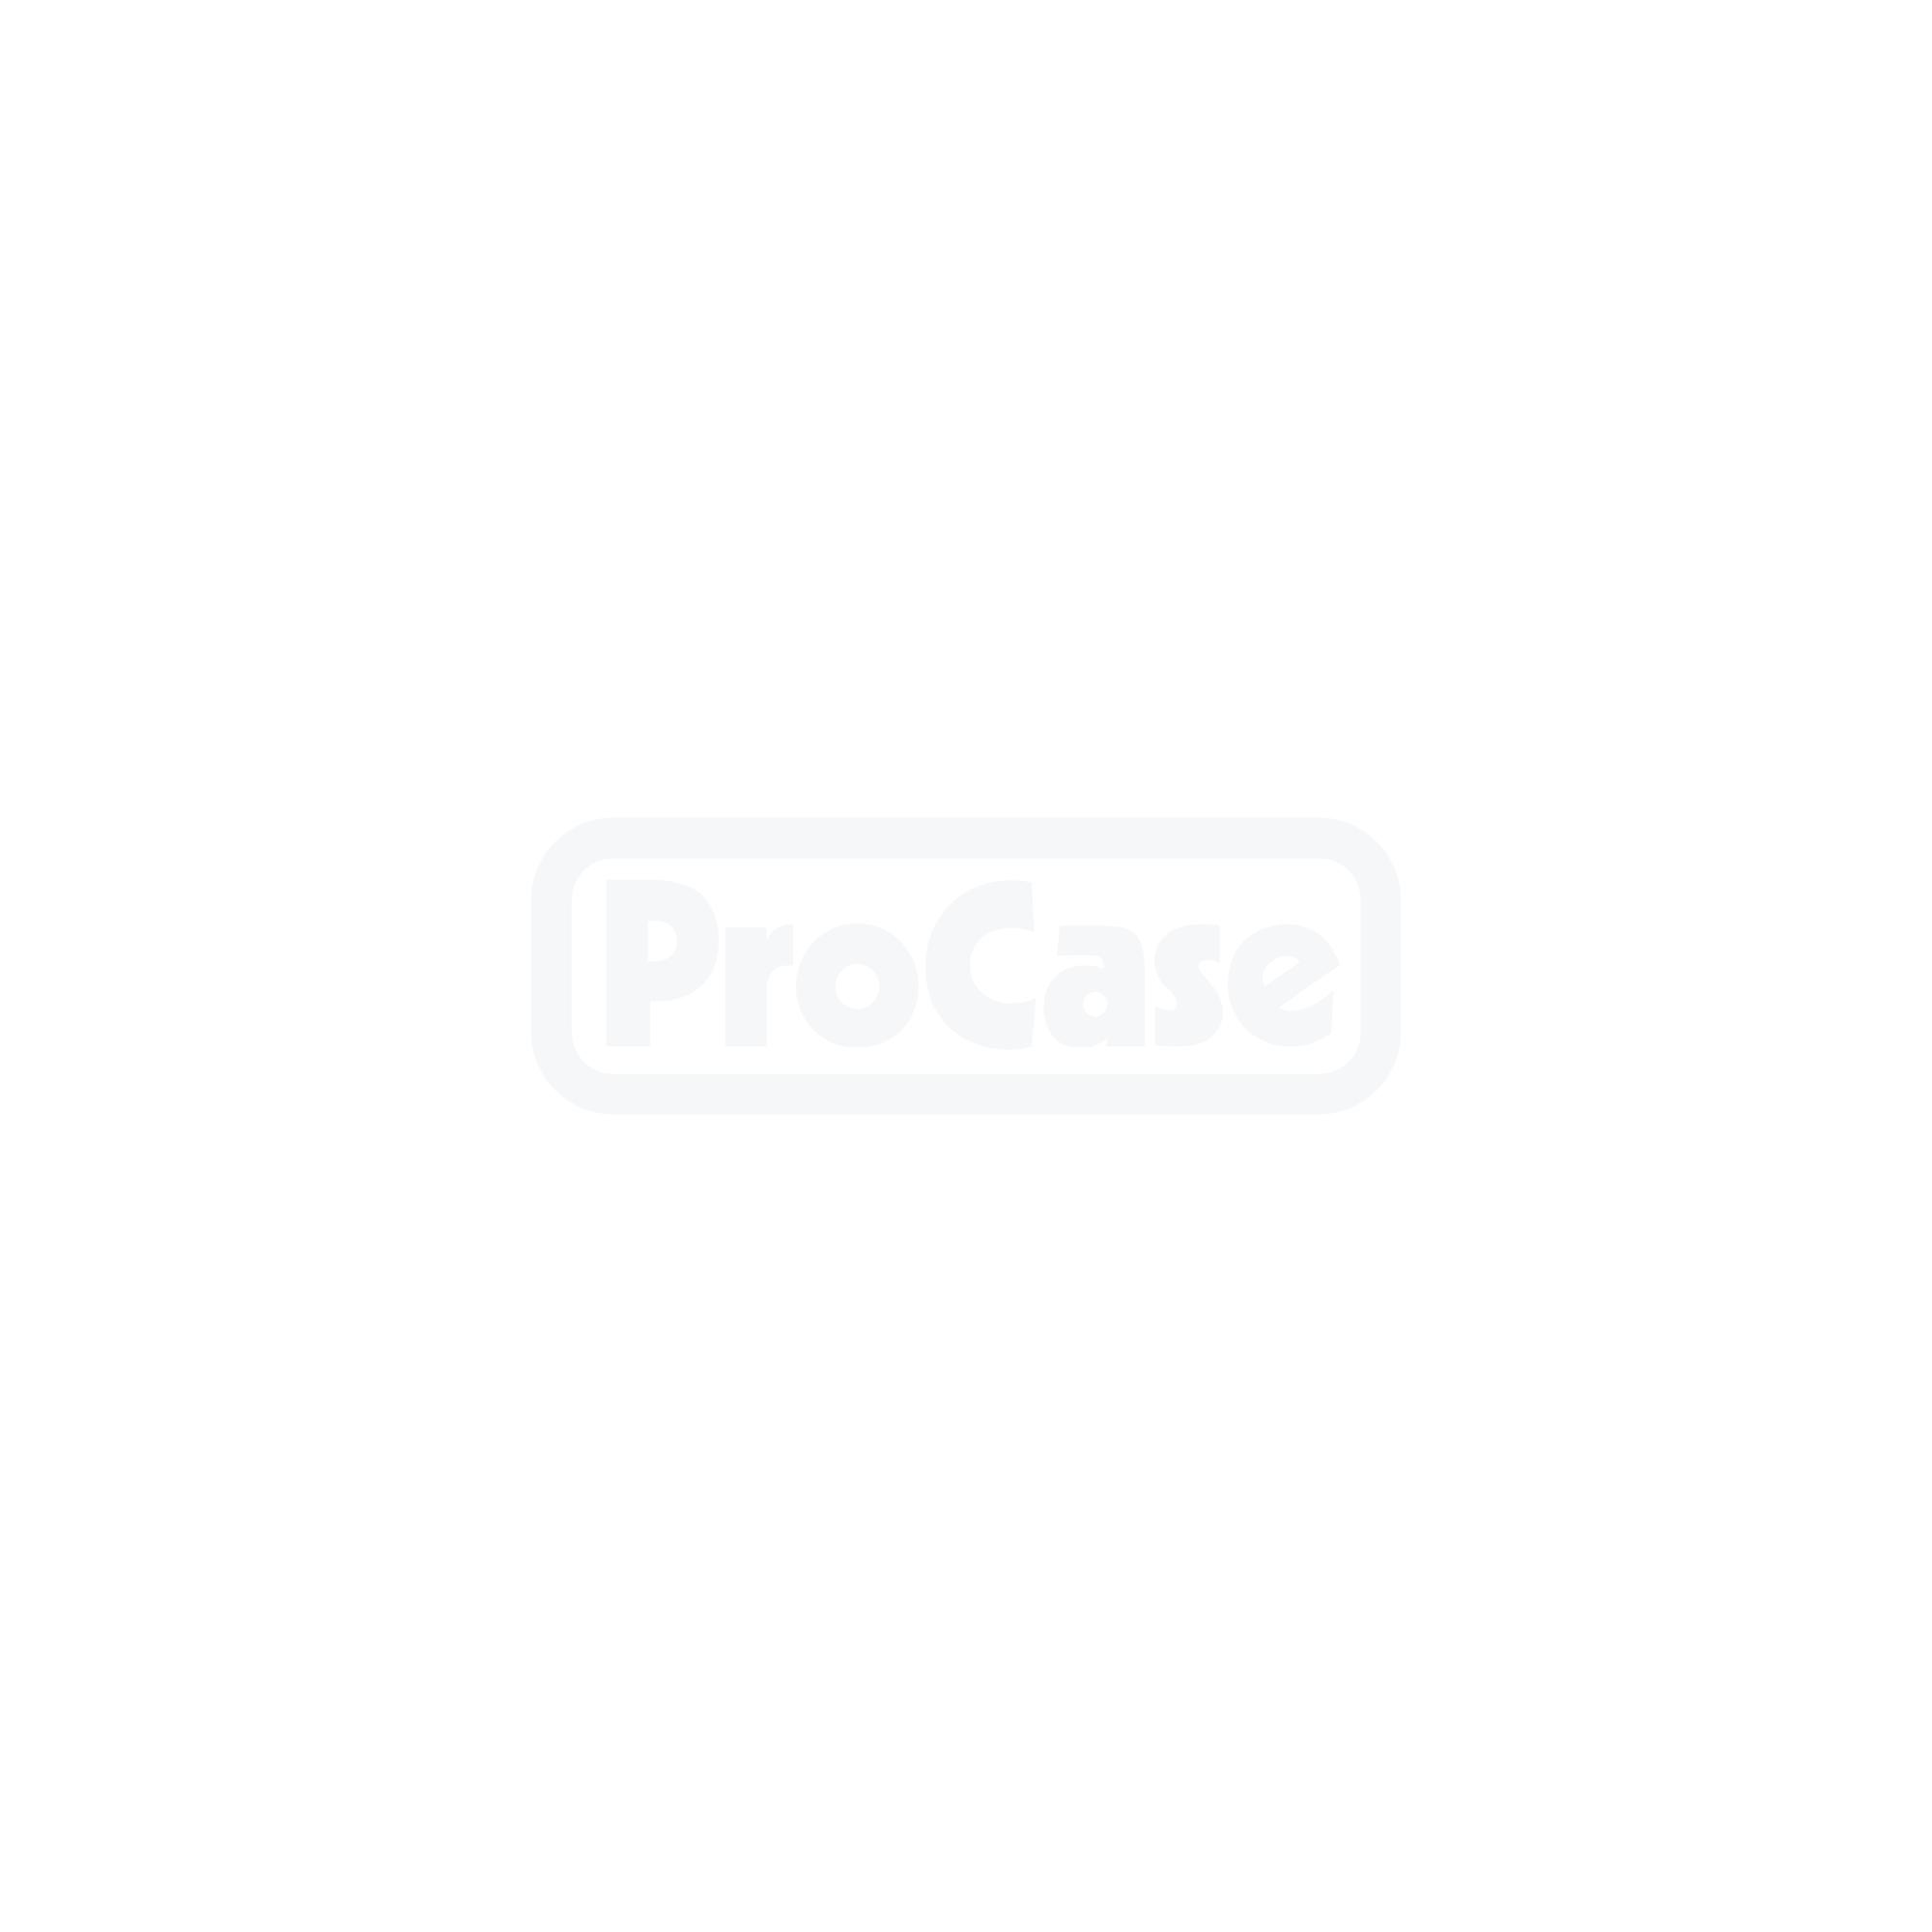 SKB 3i Koffer 2918-14 leer mit Trolley